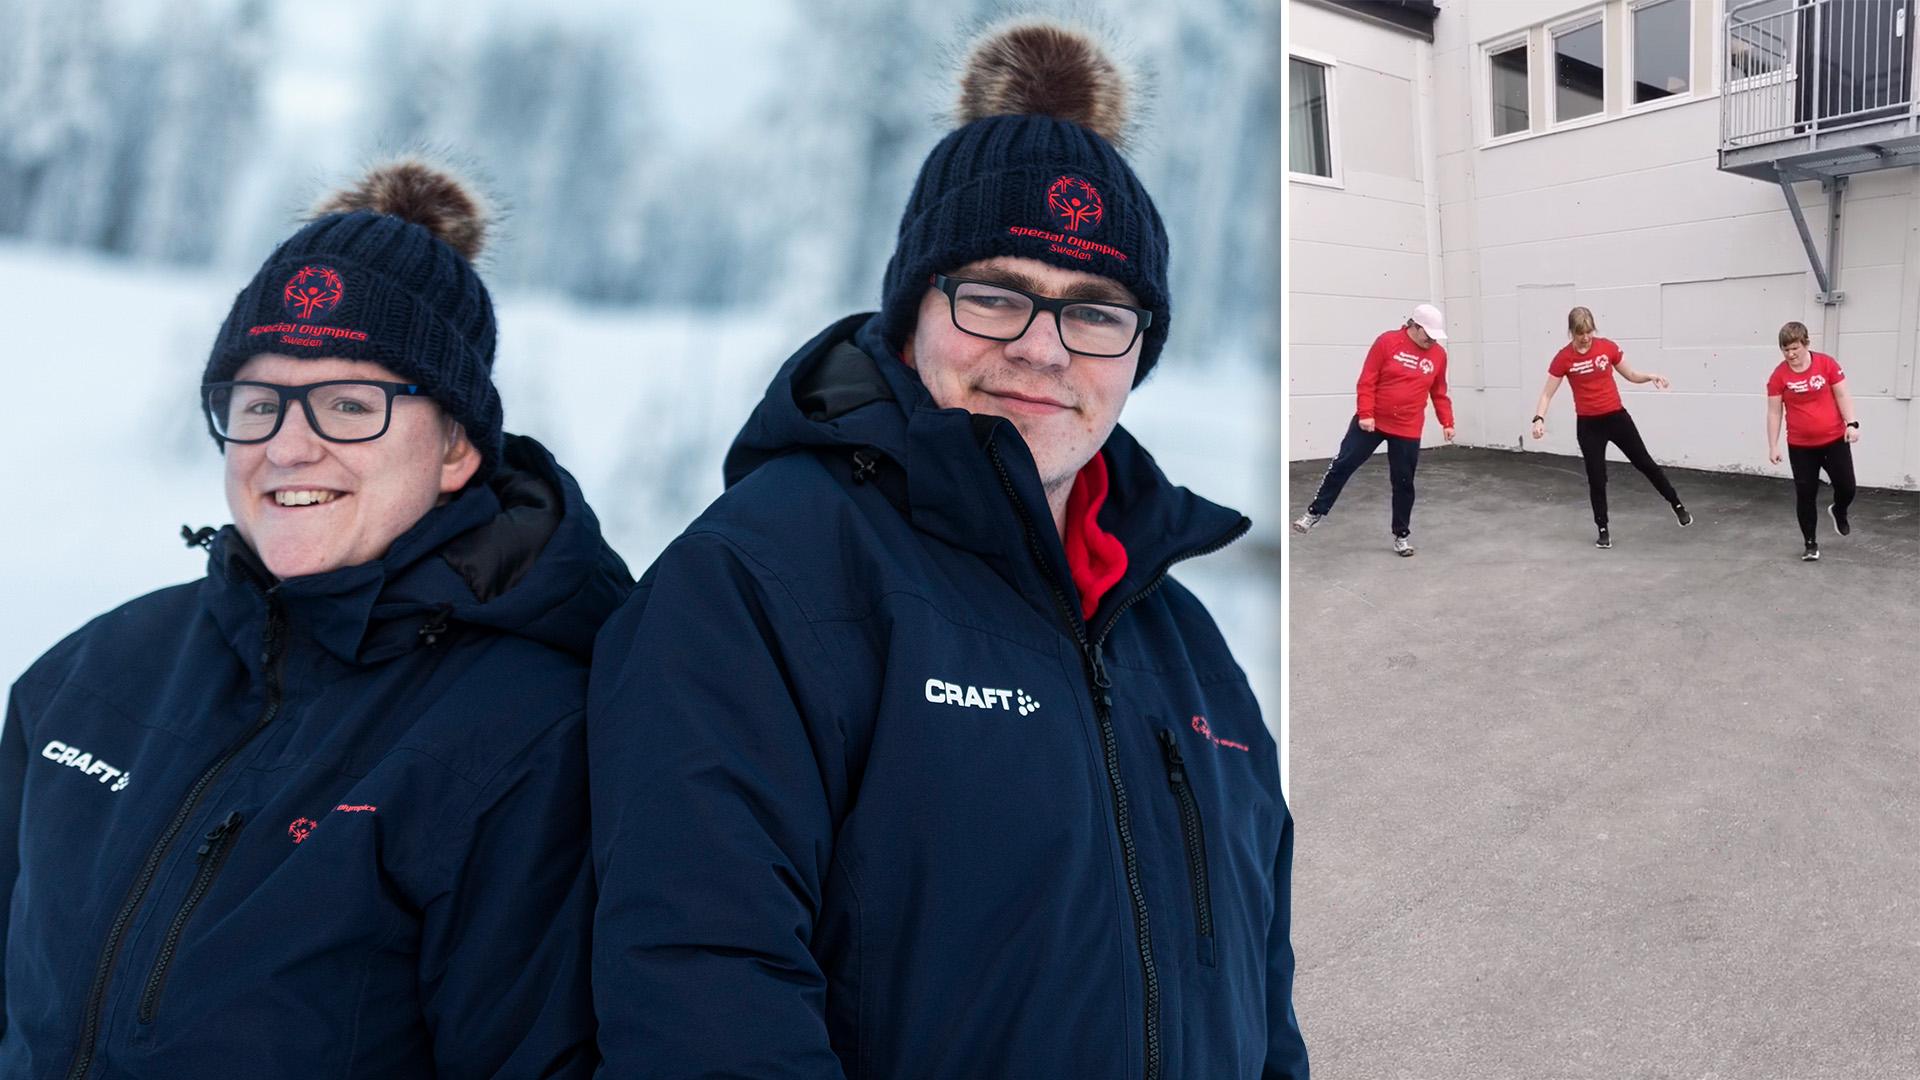 Den stora bilden visar Eva Dahlberg och Henrik Berglund iklädda vinterkläder och toppluvor i ett snöigt landskap. Den lilla bilden till höger visar när de gympar tillsammans med Johanna Oskarsson.